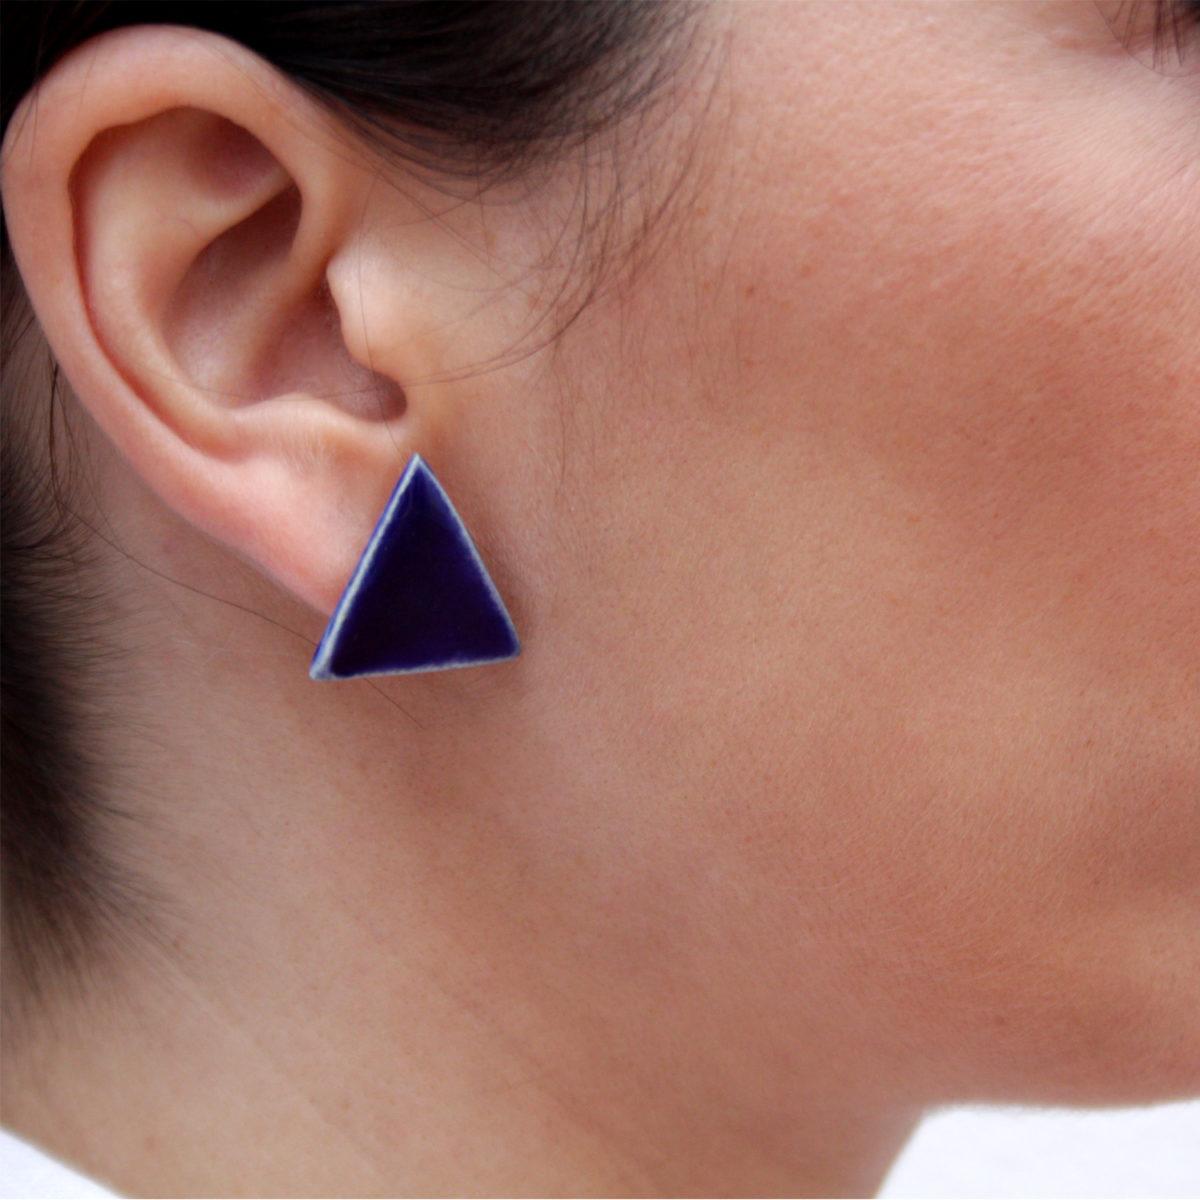 Pendientes de cerámica triangulares hechos a mano color azul intenso cobalto Bowtery minimalista. Minimalist handmade ceramic triangle earrings blue cobalt